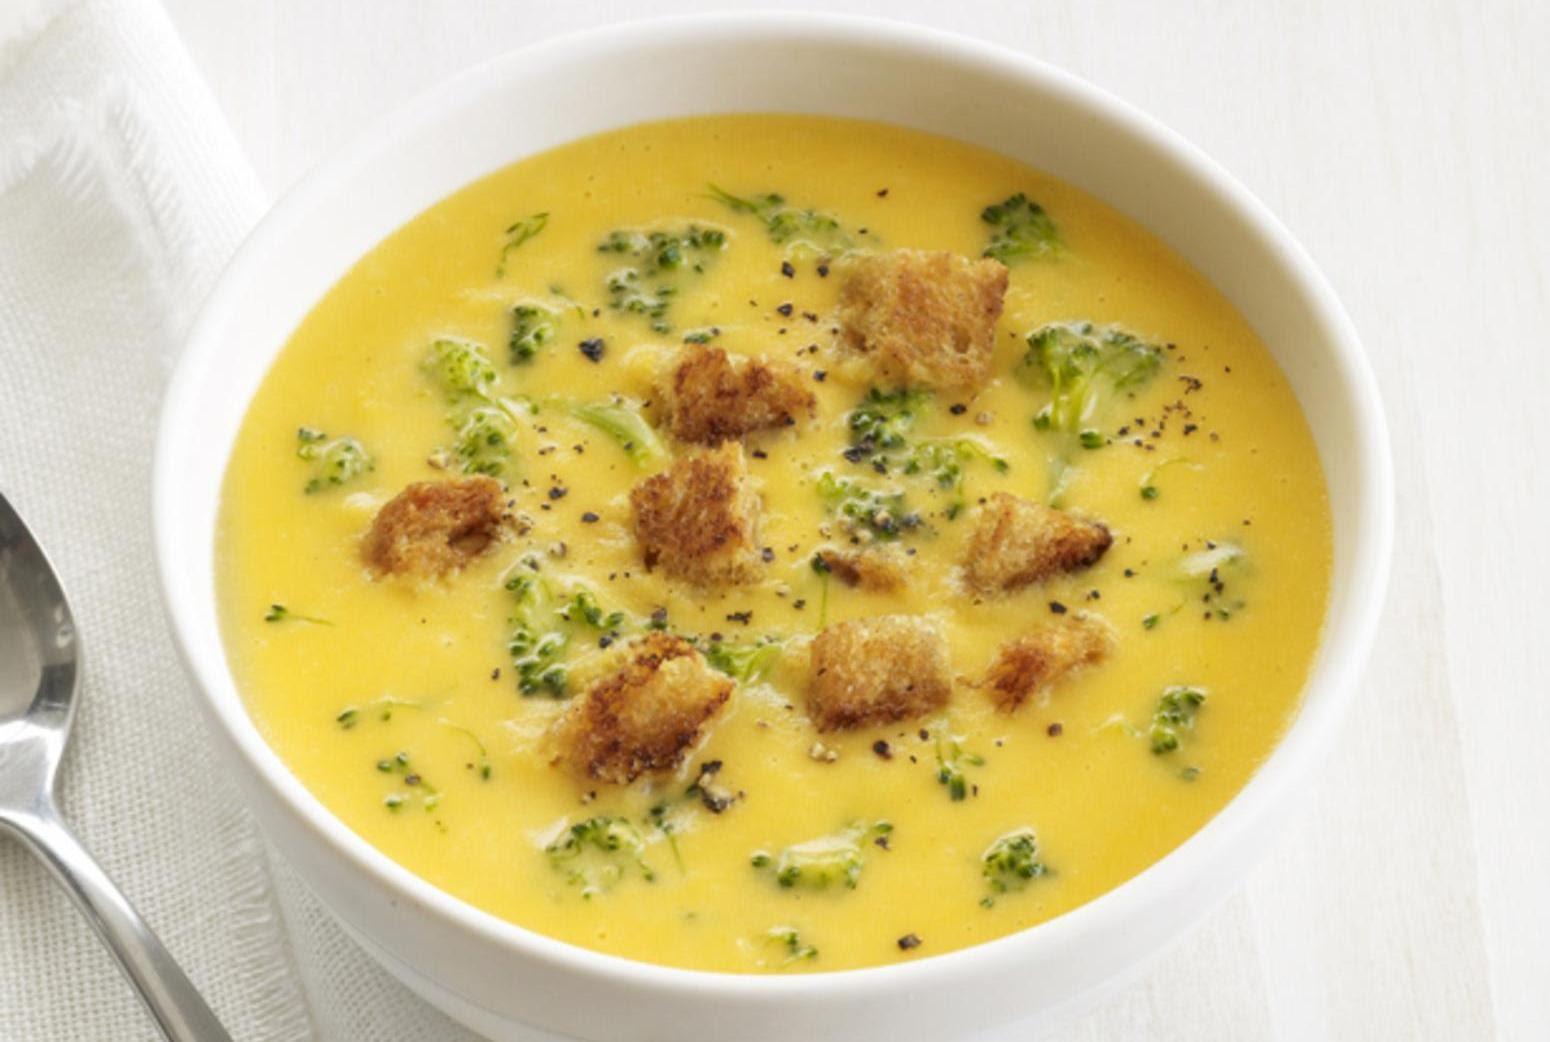 все рецепт сырного супа пюре с фото упрощенно, сияние возникает